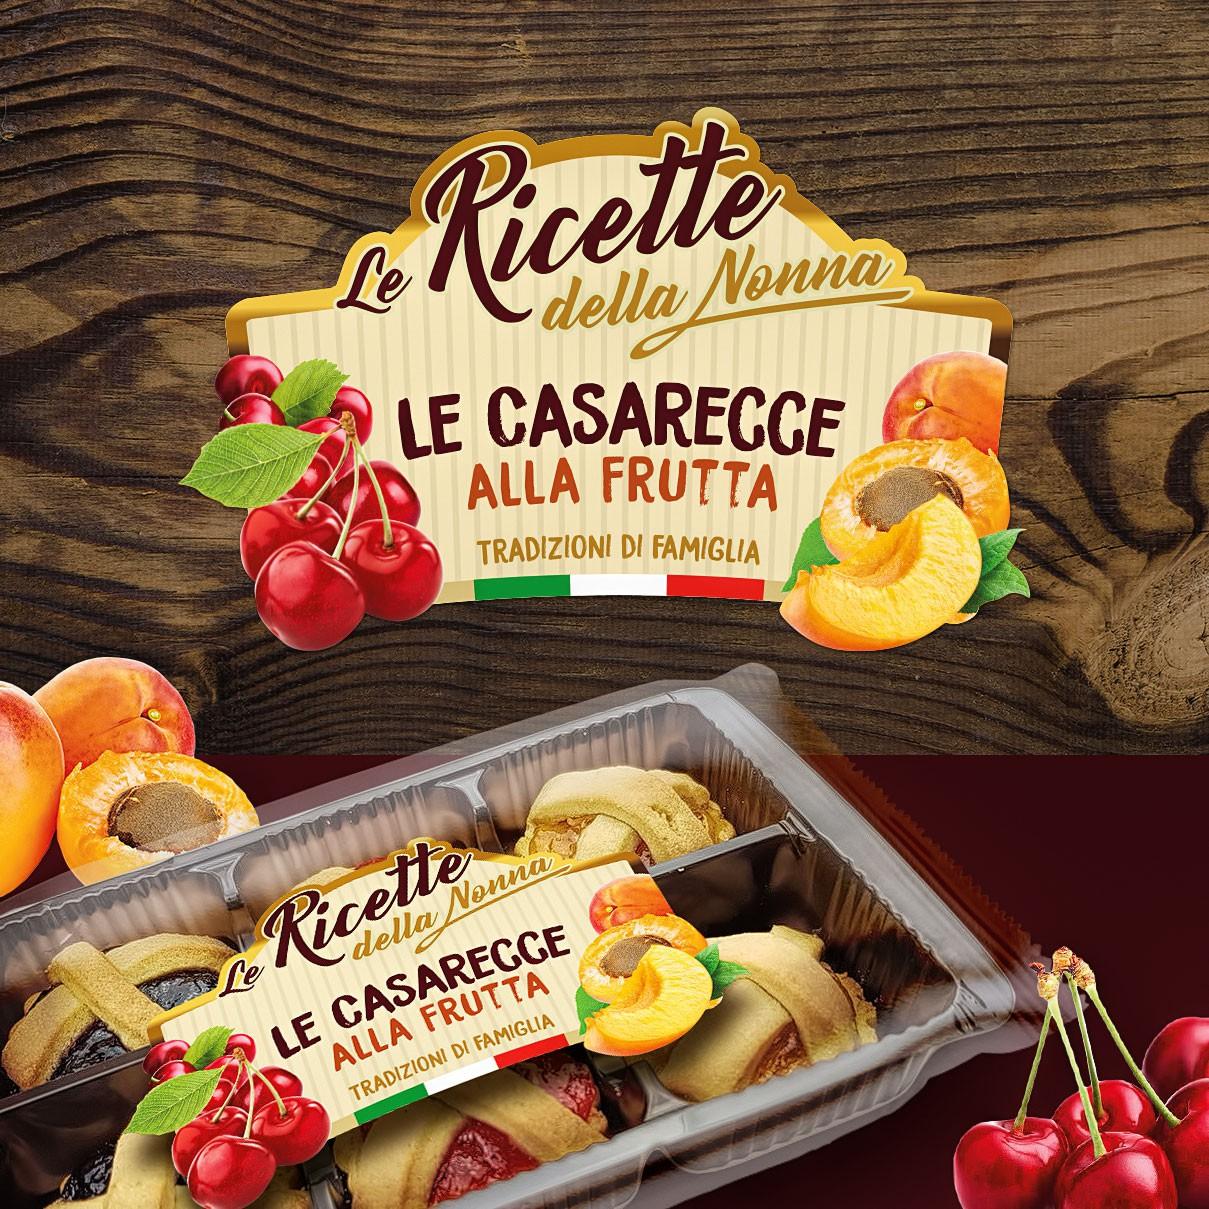 new laber Casarecce Italian brand